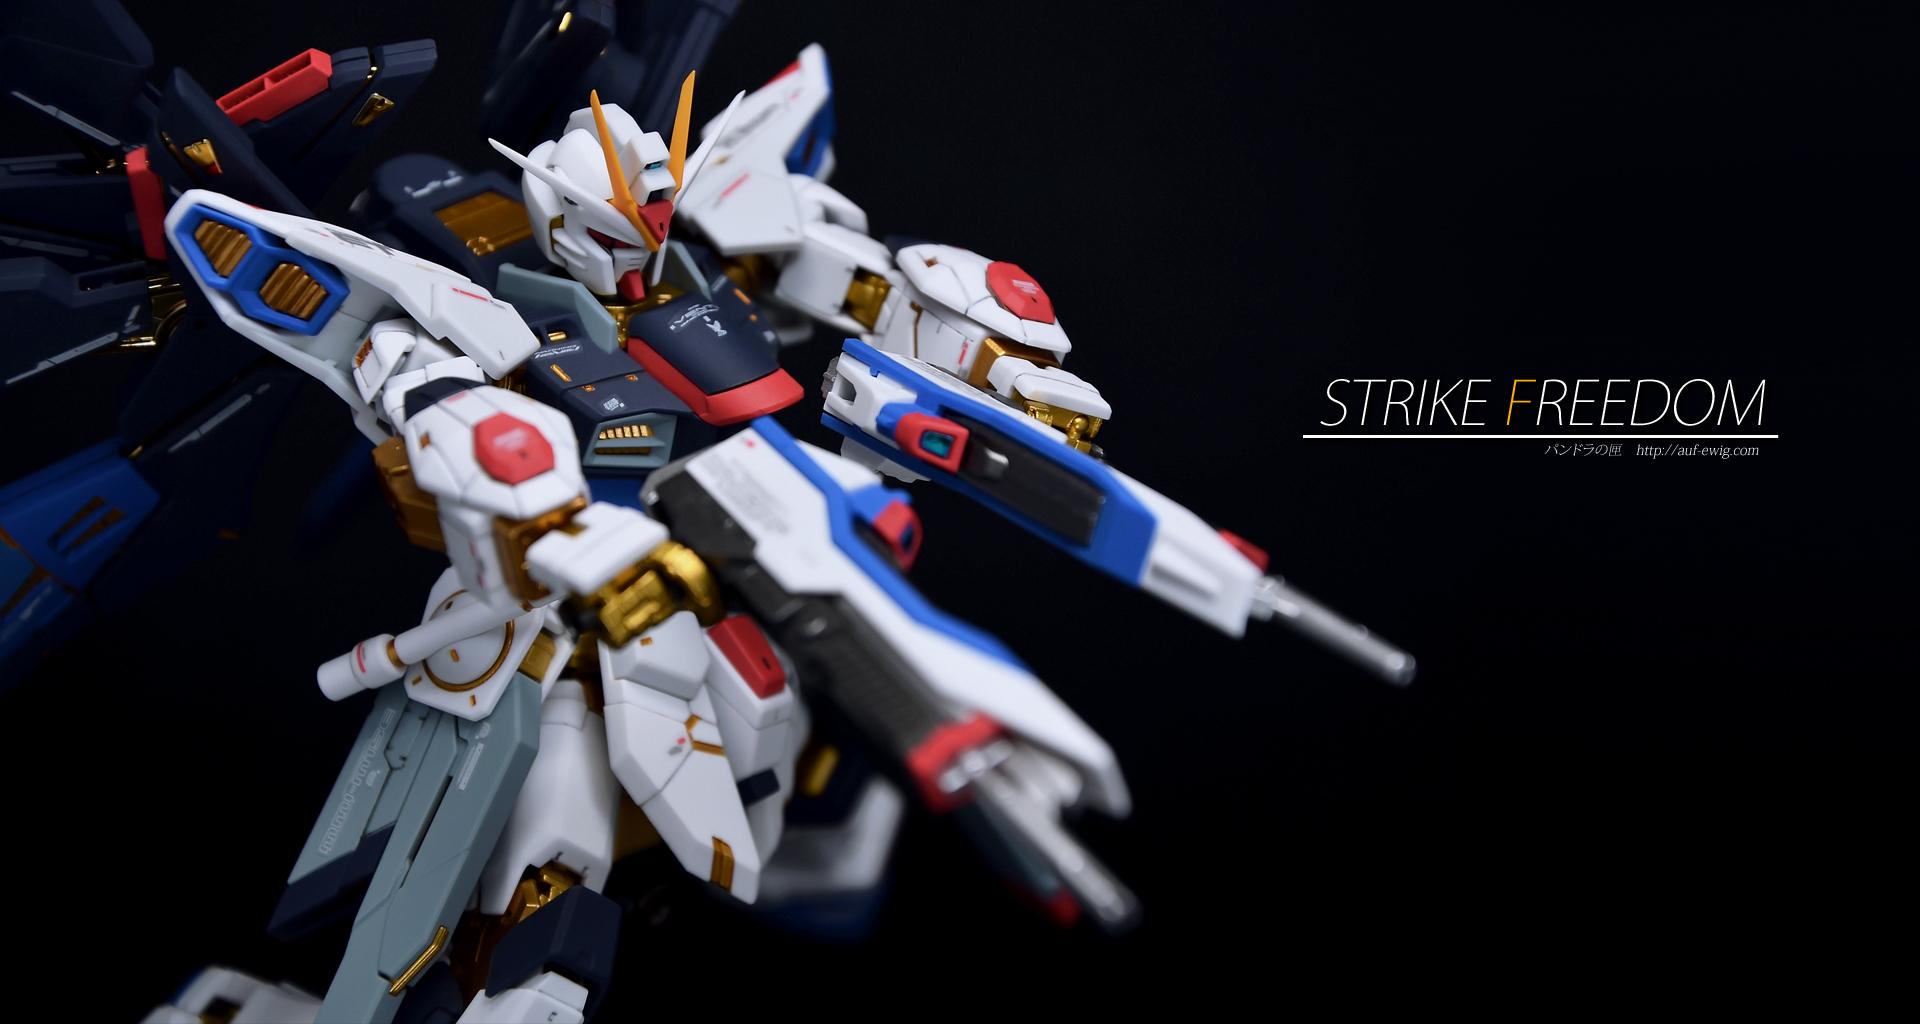 RG 1/144 ZGMF-X20A ストライクフリーダム